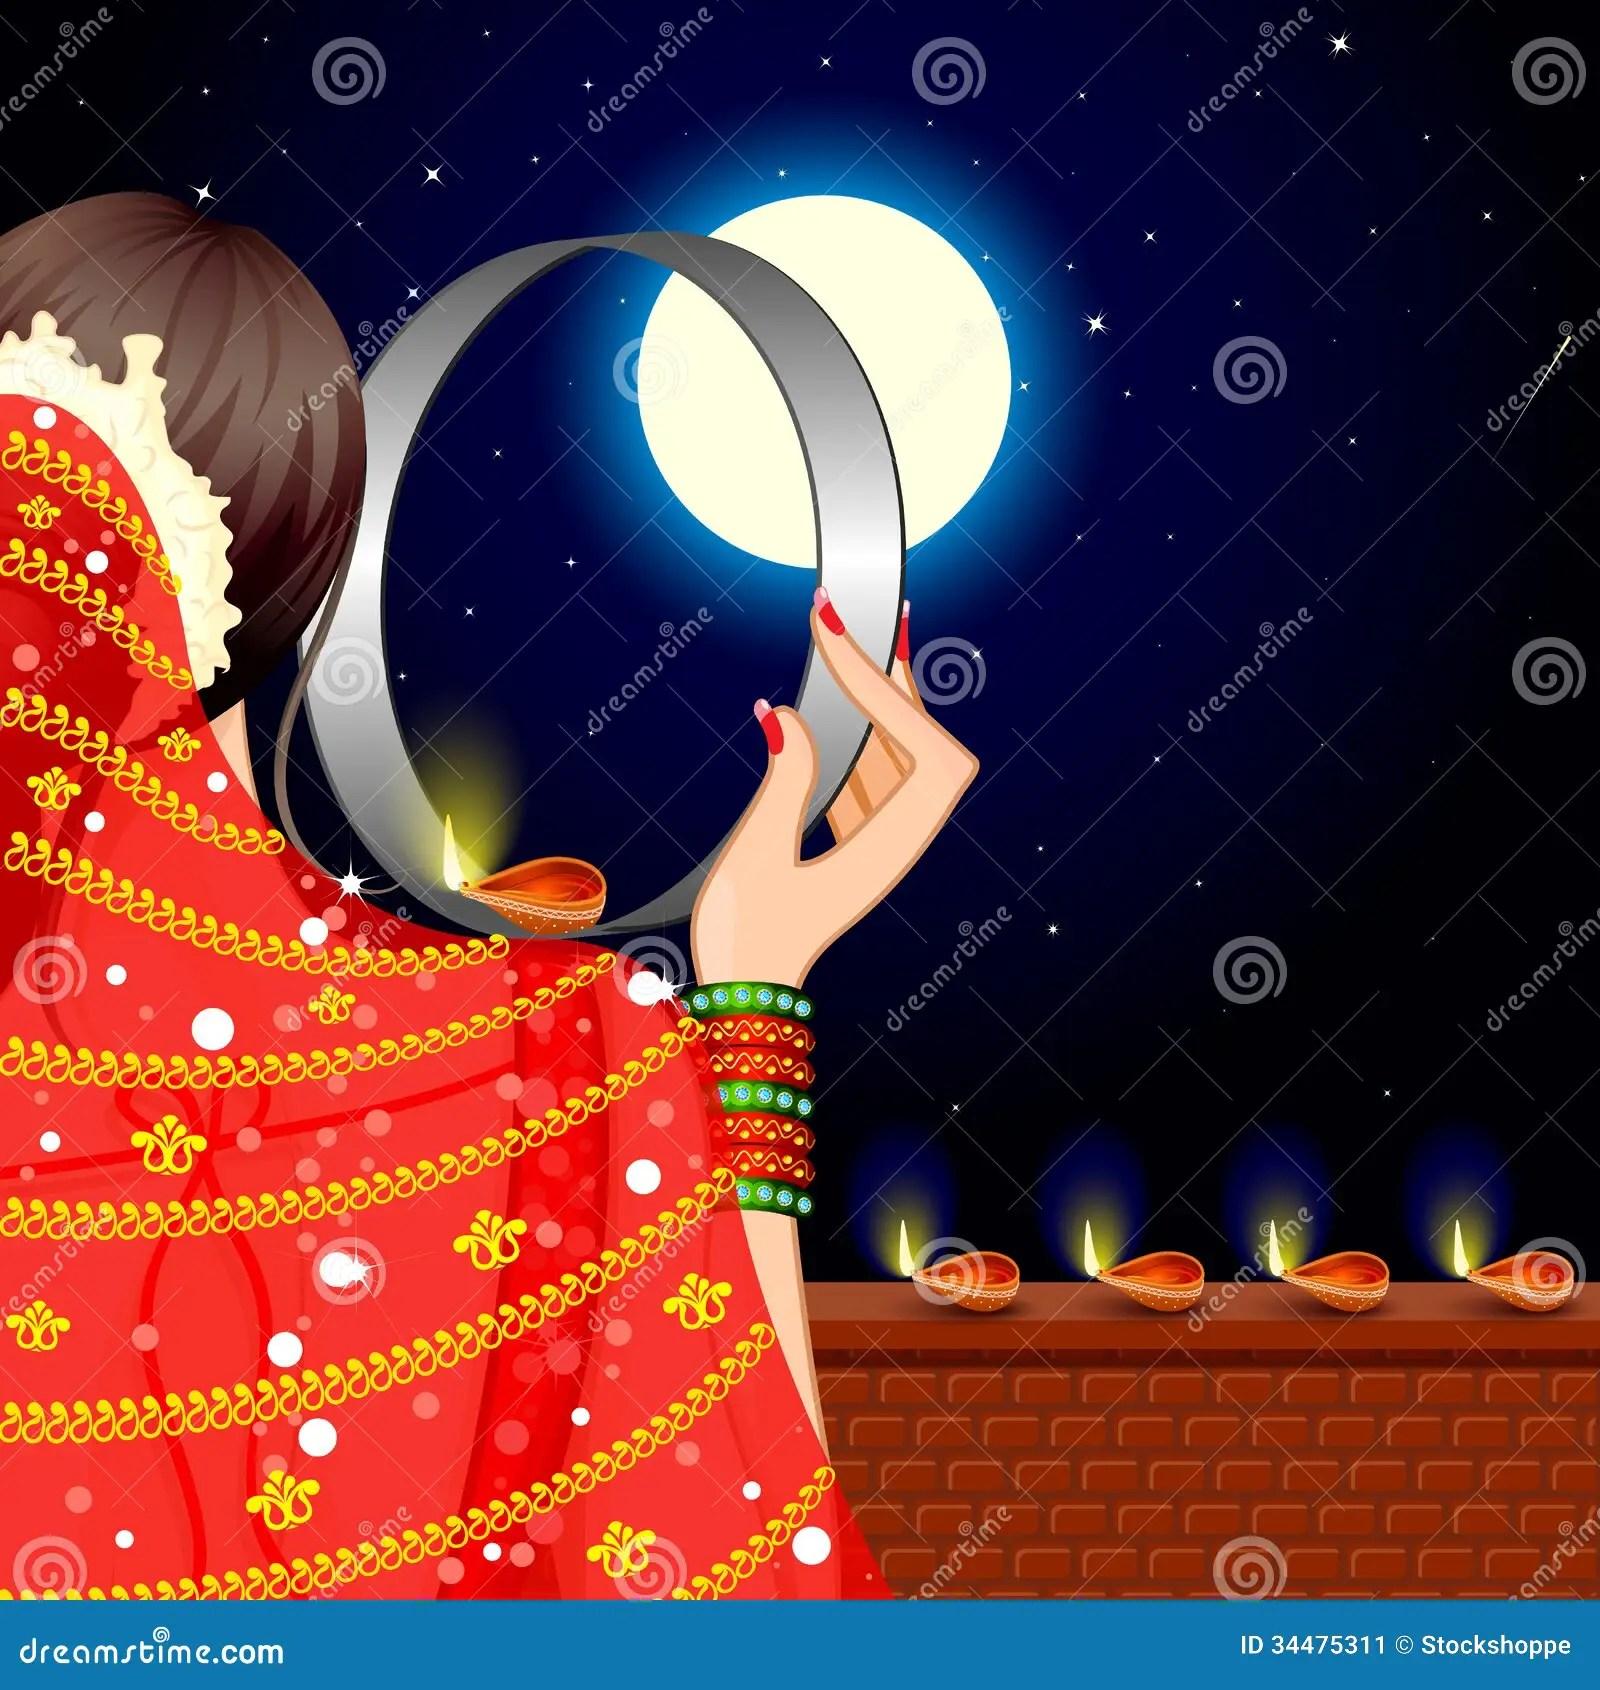 Ravan 3d Wallpaper Indian Lady Celebrating Karwa Chauth Stock Image Image